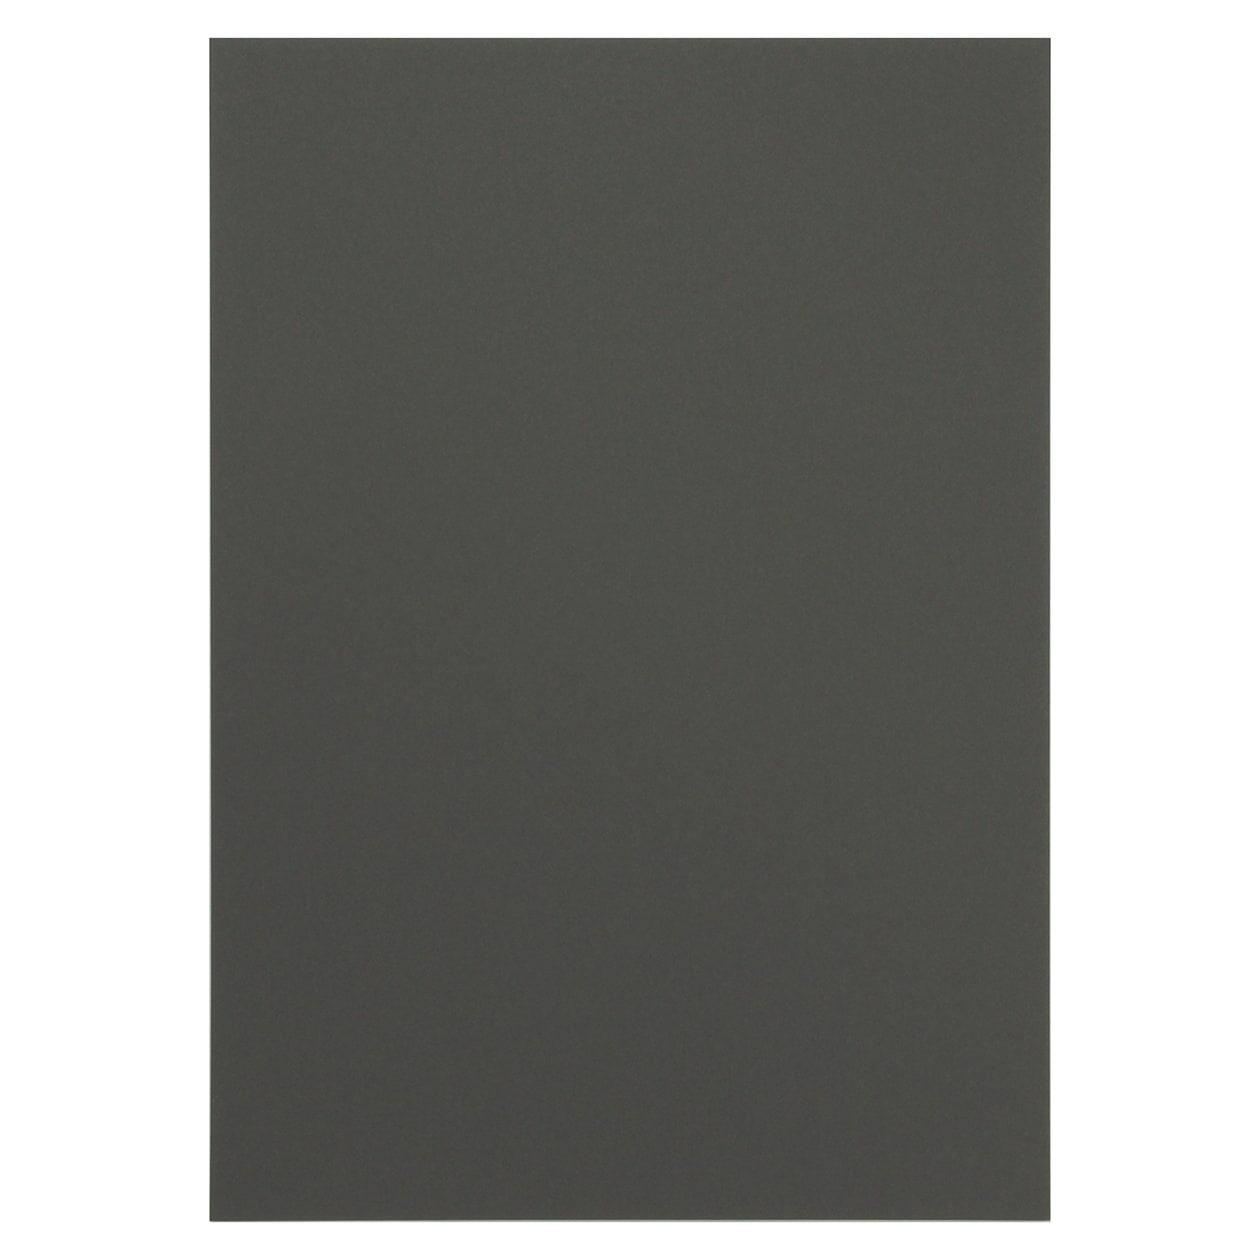 A4シート コットン(NTラシャ) グレー90 116.3g